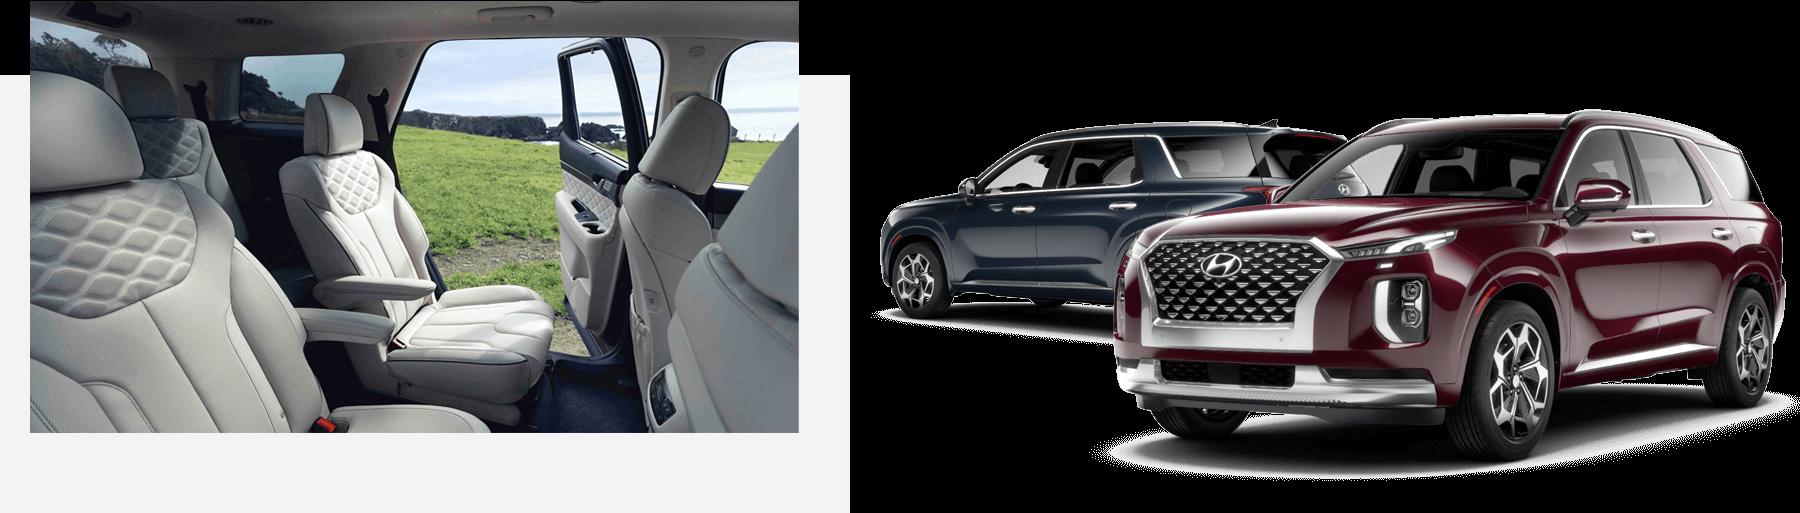 2021 Hyundai Palisade Hero Image